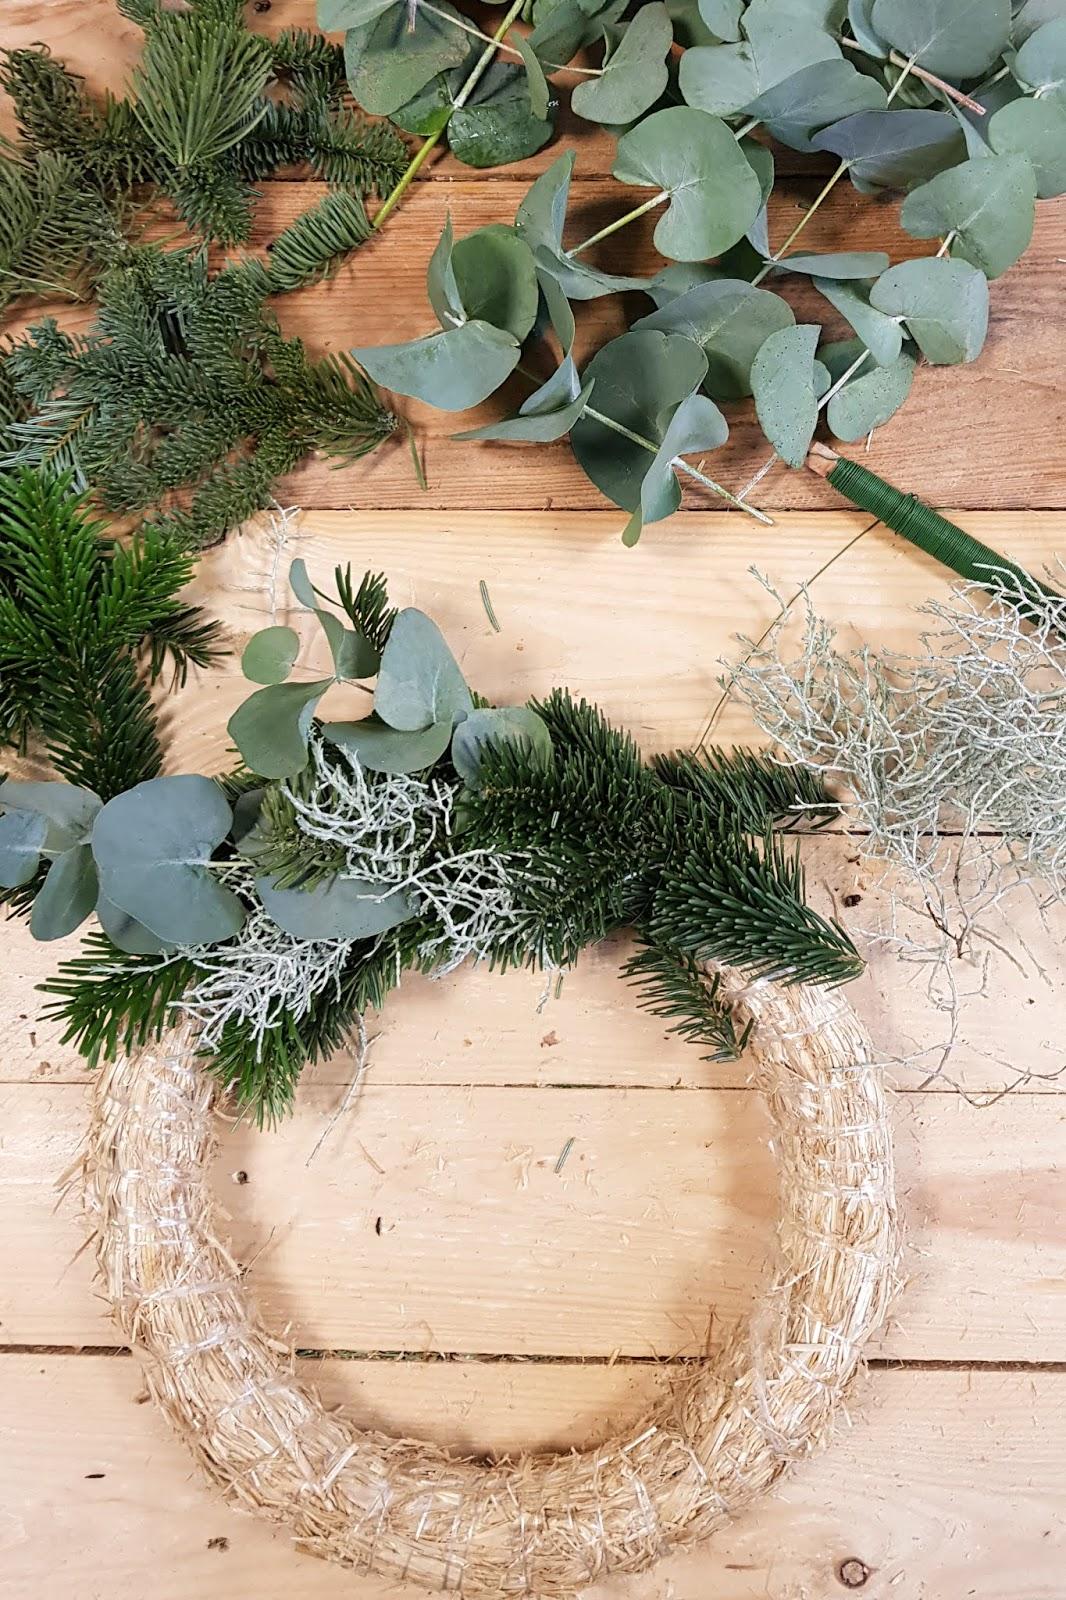 DIY Adventskranz Ideen selbermachen. Advent Kranz Kränze Eukalyptus Nordmanntanne Stacheldraht Edeltanne einfach binden- Anleitung und Schritt-für-Schritt erklärt